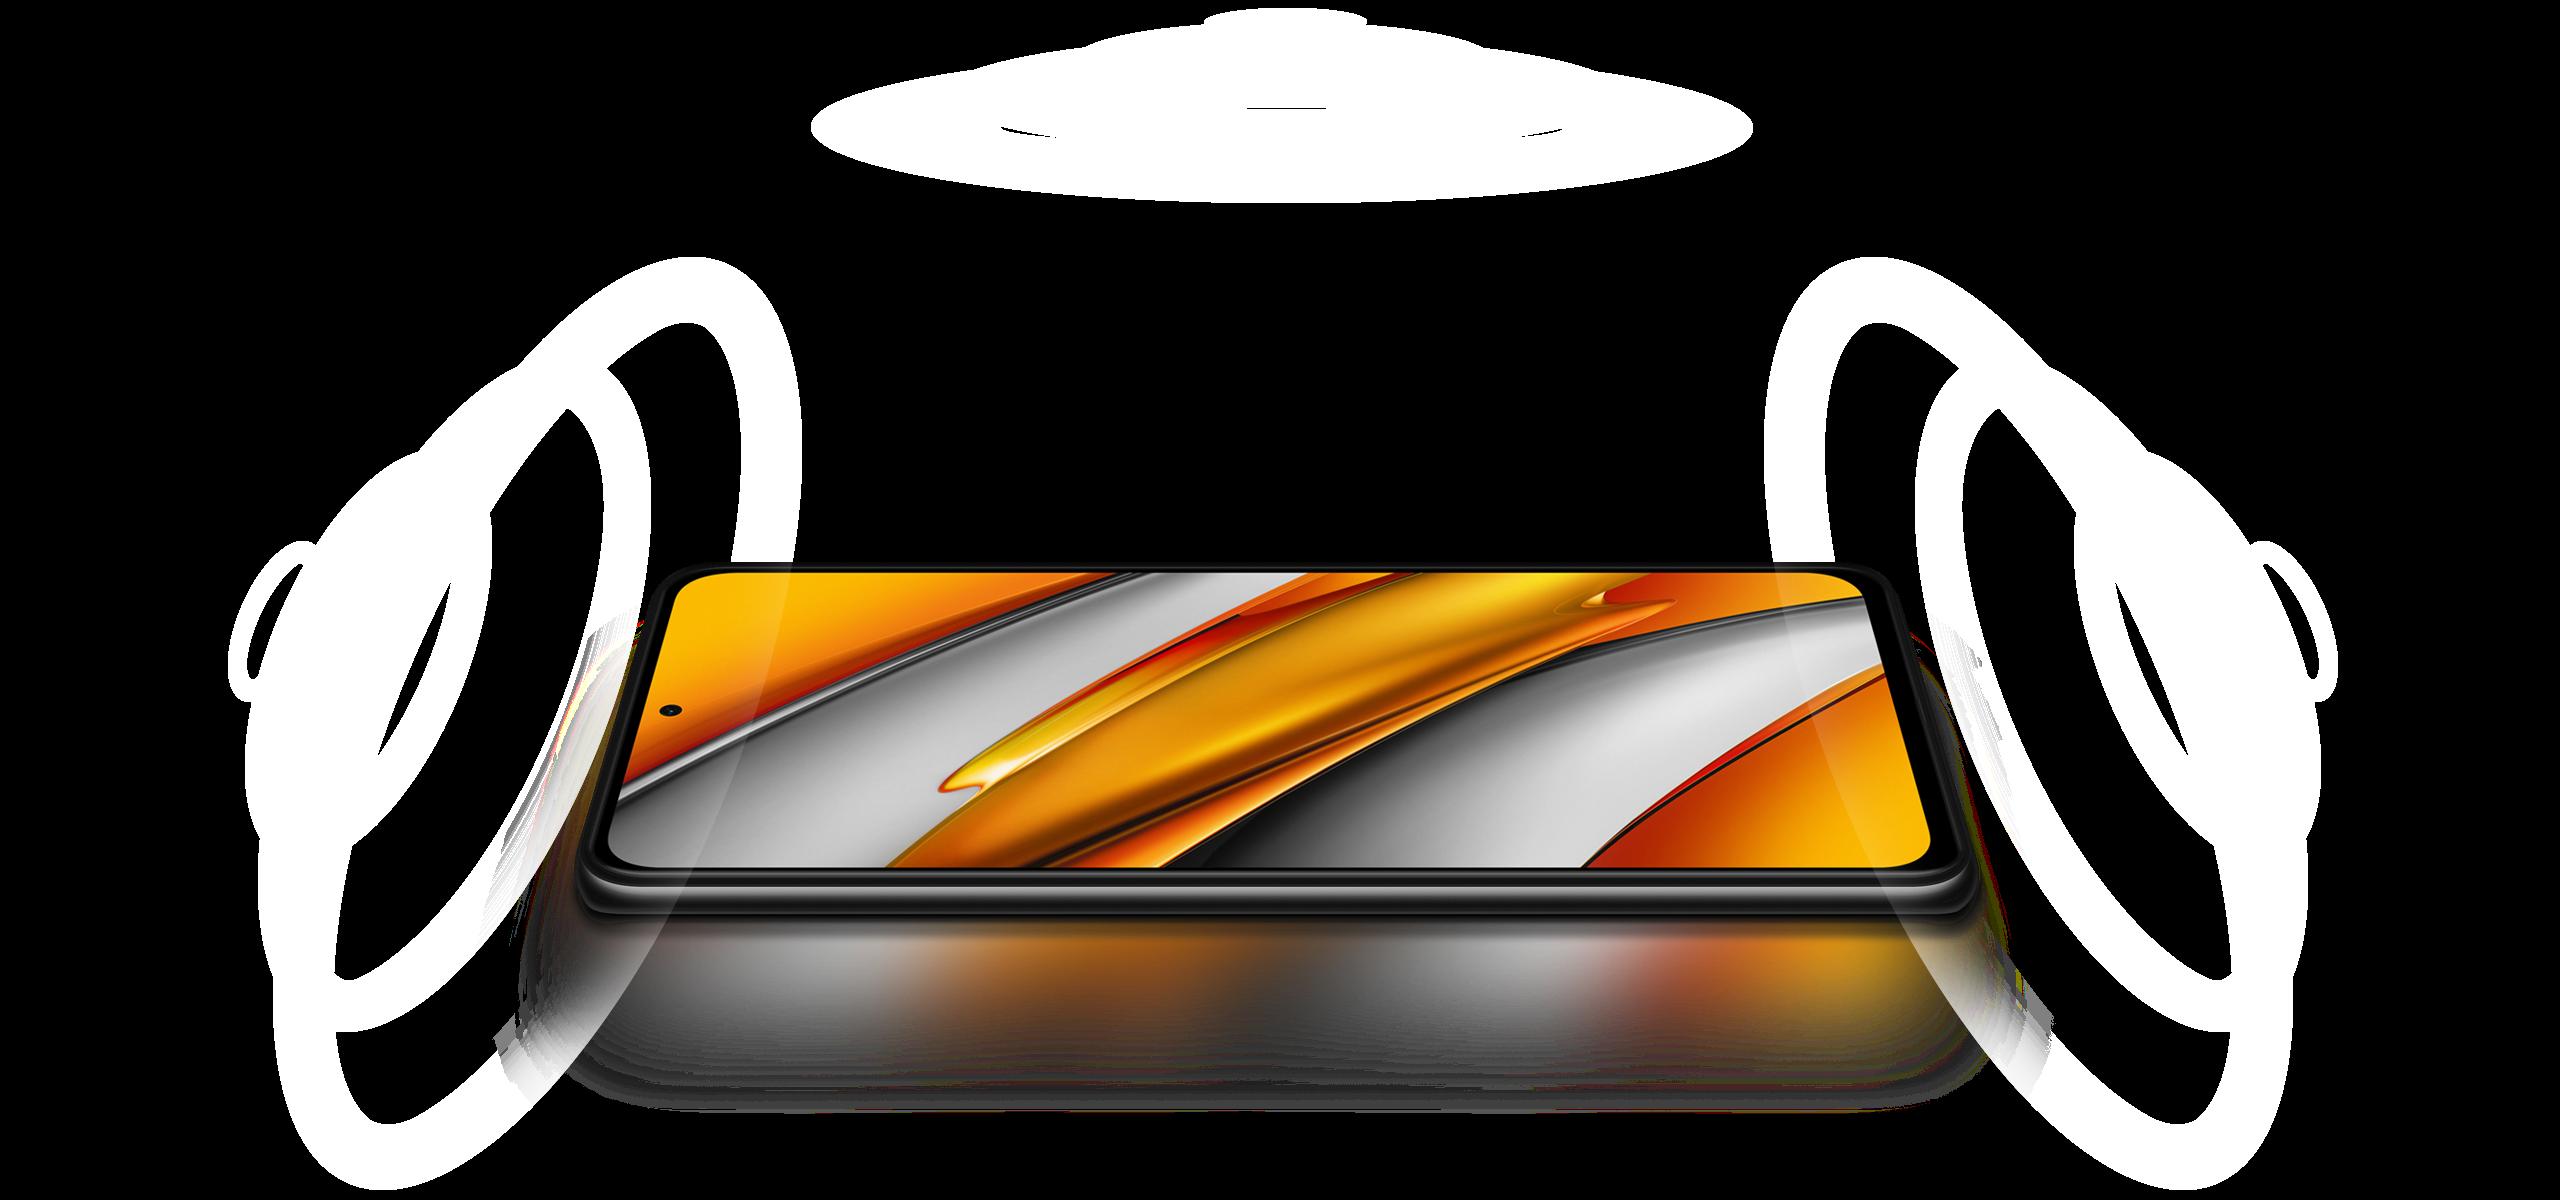 Poco x3 pro e poco f3 chegam ao brasil com alto desempenho. A poco traz seus novos lançamentos, poco x3 pro e poco f3 para o brasil, celulares voltados para o público gamer com alta performance